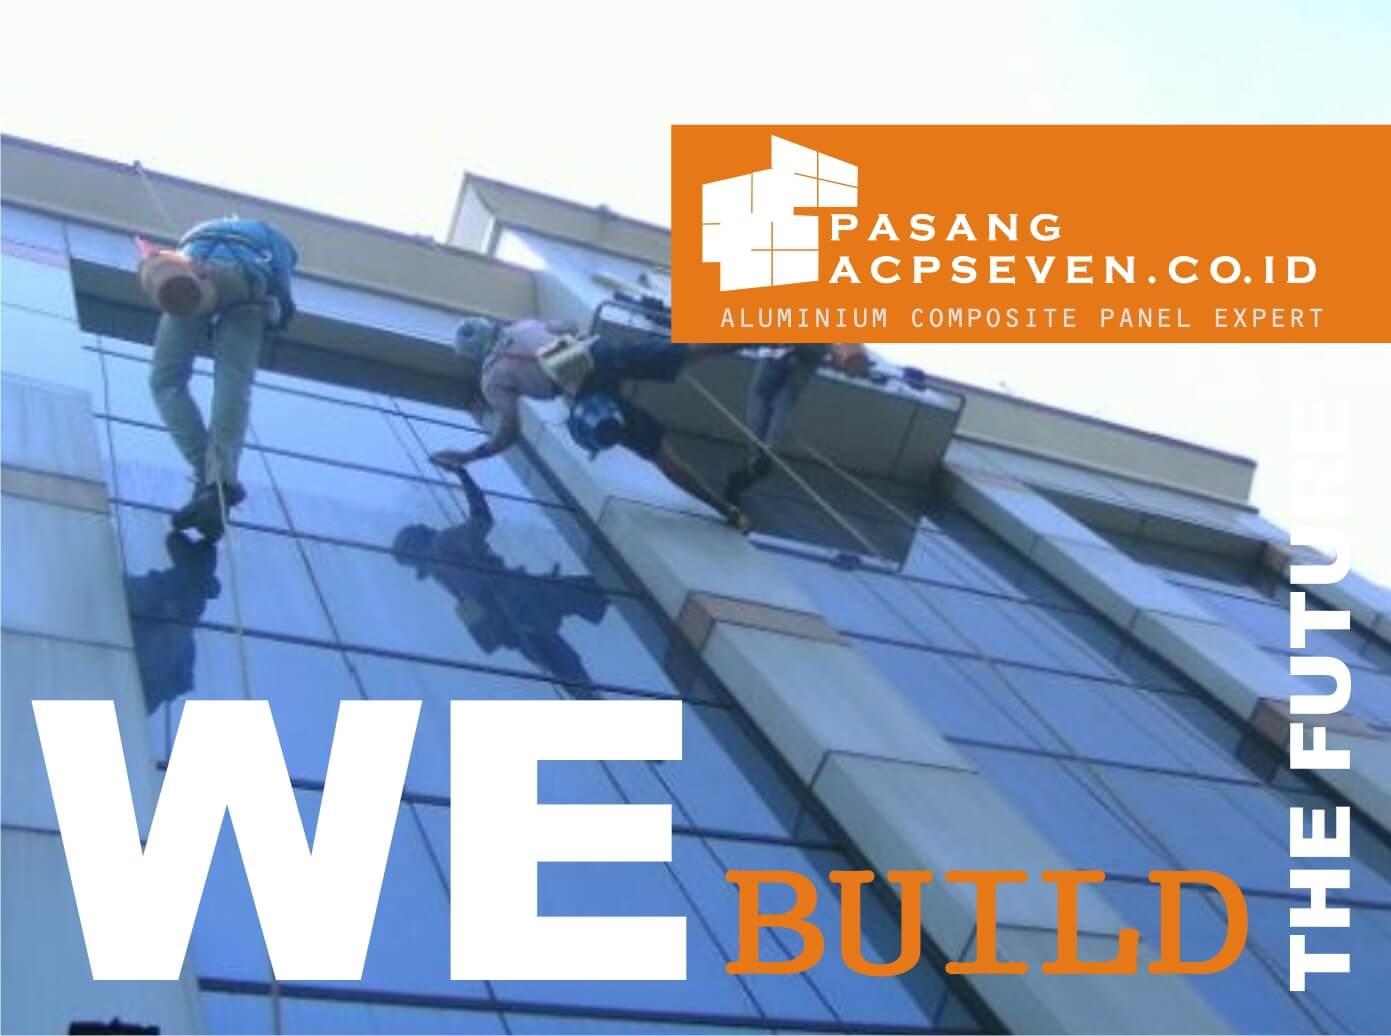 jasa bersih kaca gedung, maintenace curtainwall, maintenance acp panel surabaya